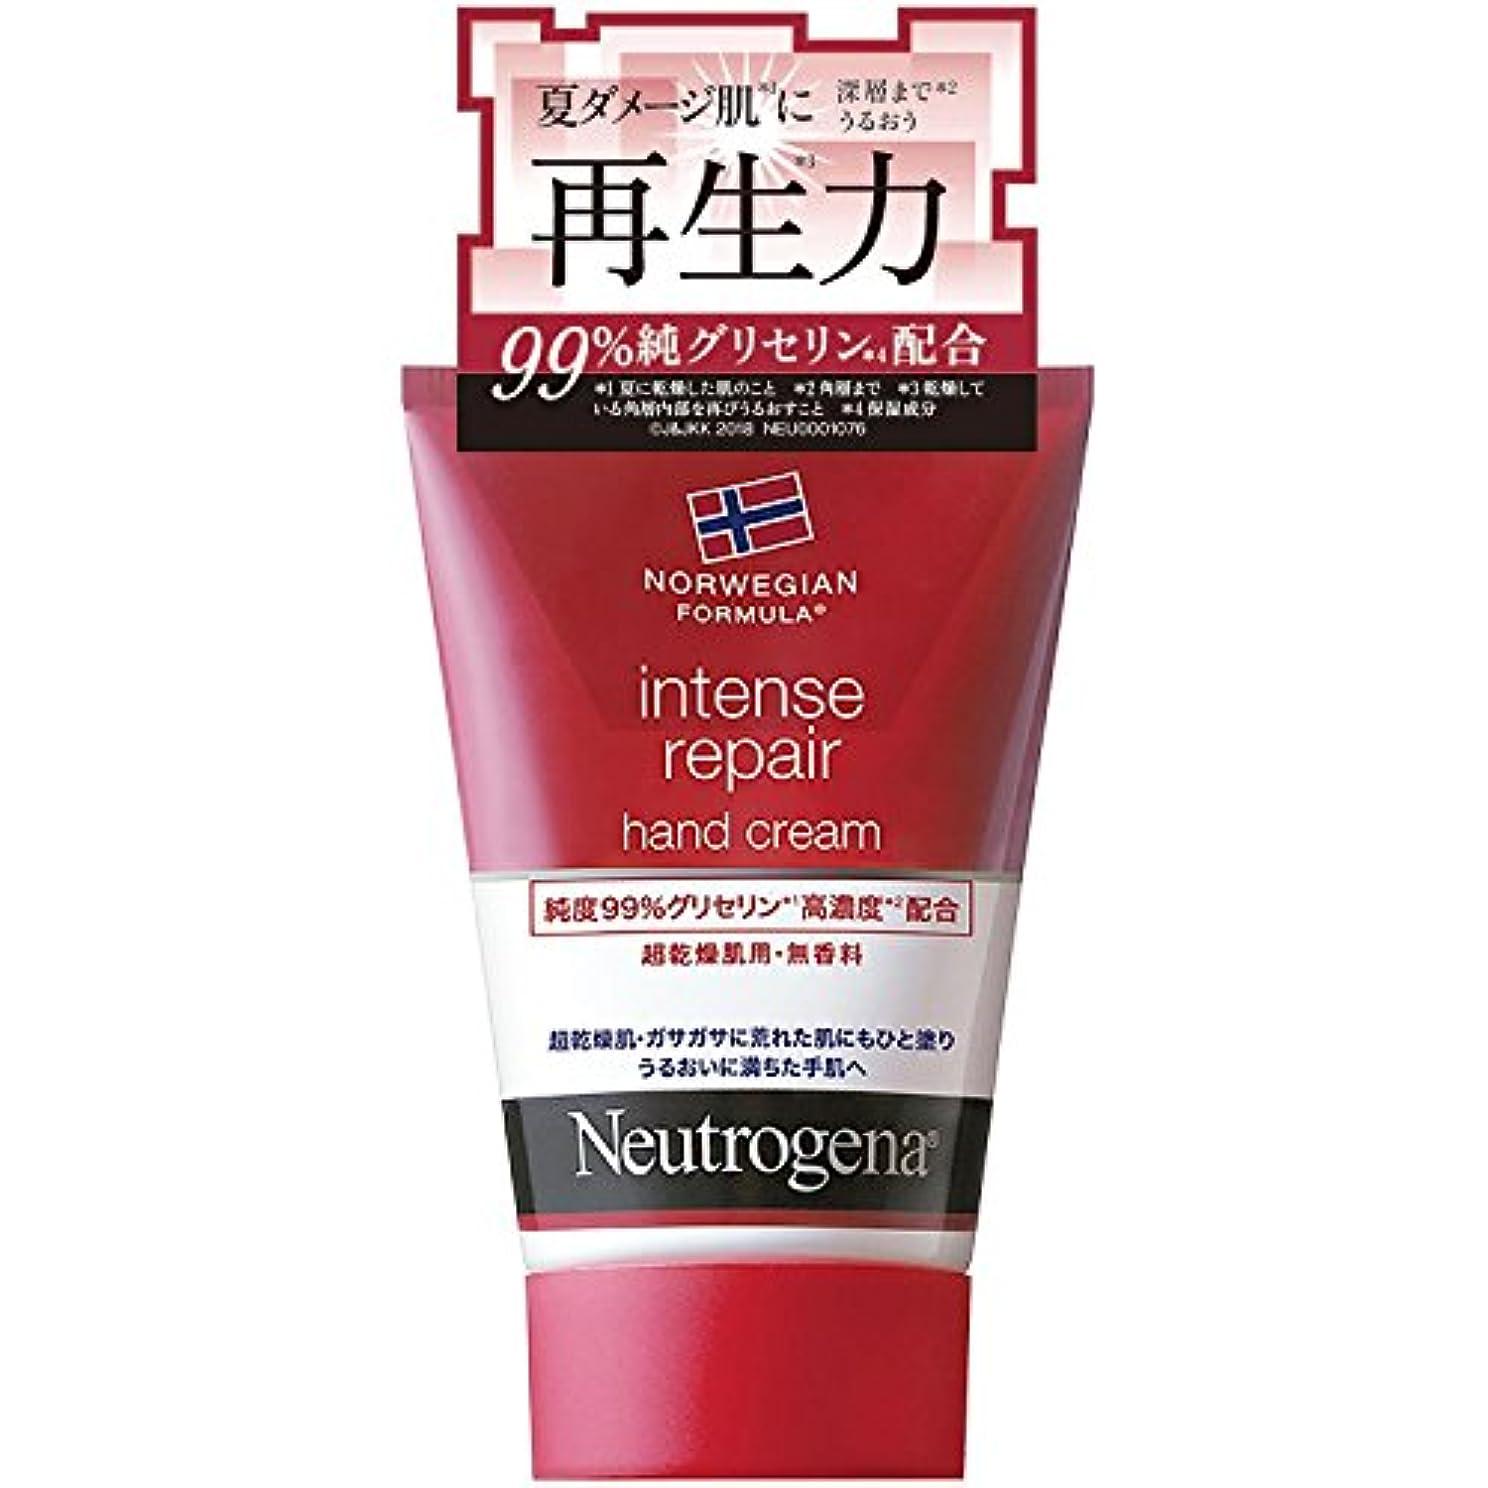 飽和するウミウシ植生Neutrogena(ニュートロジーナ) ノルウェーフォーミュラ インテンスリペア ハンドクリーム 超乾燥肌用 無香料 単品 50g